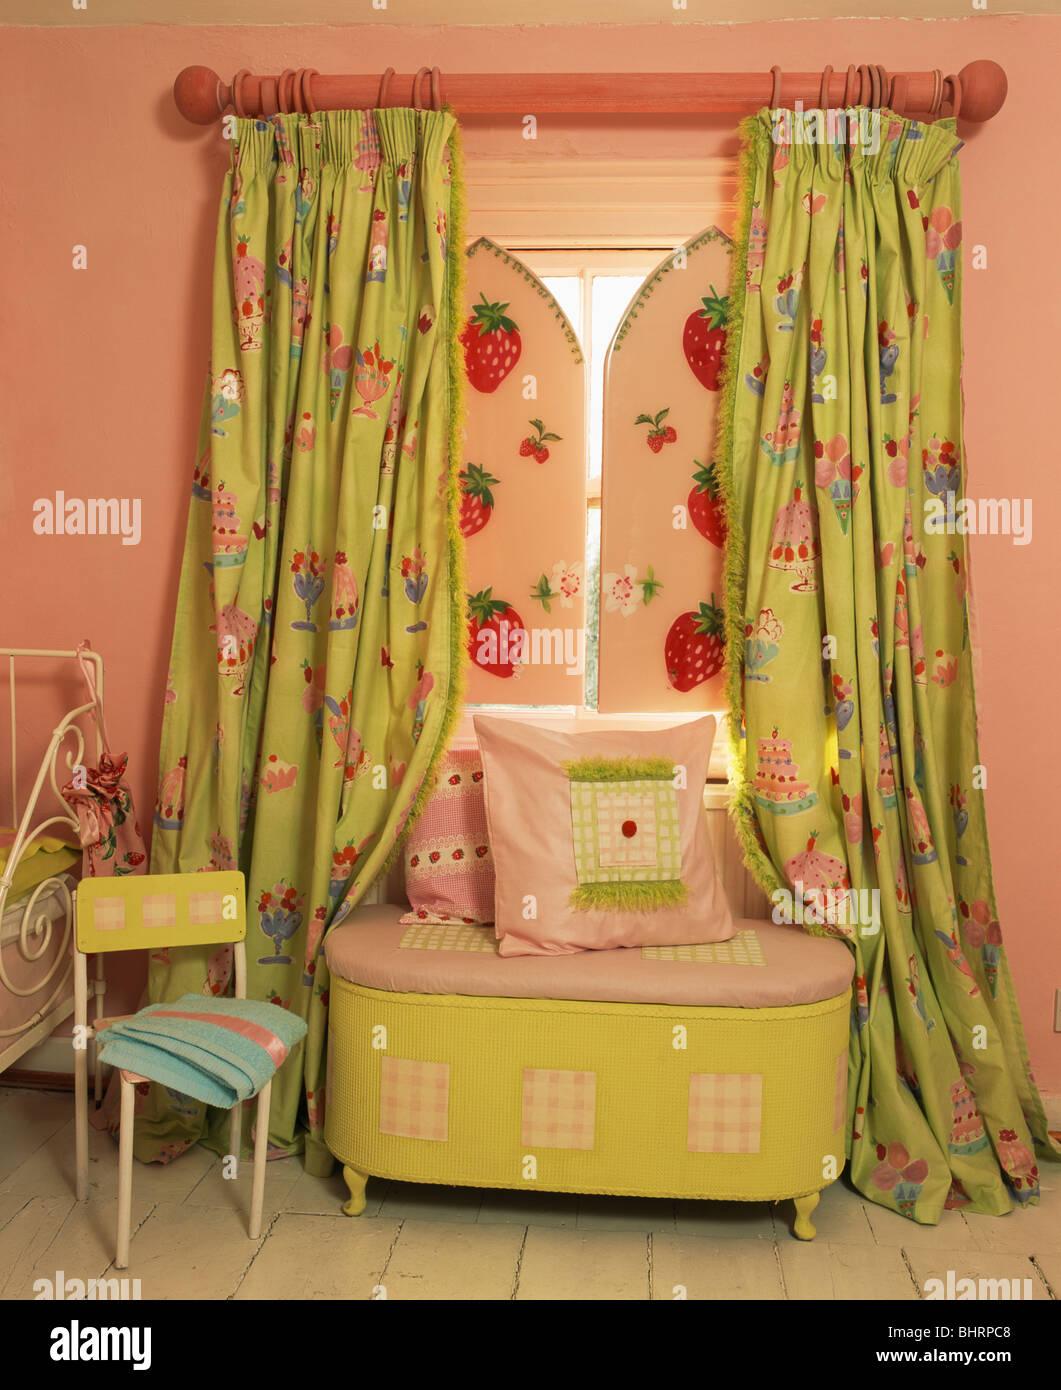 Kissen in lindgrün Brust unter Fenster mit rosa + grünen Vorhängen ...